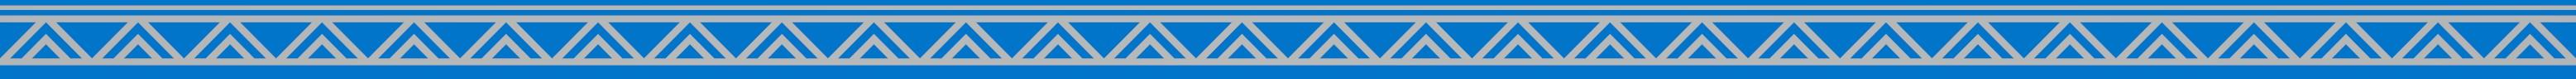 Elakha-Alliance-Blue-Banner-v1@2x.jpg